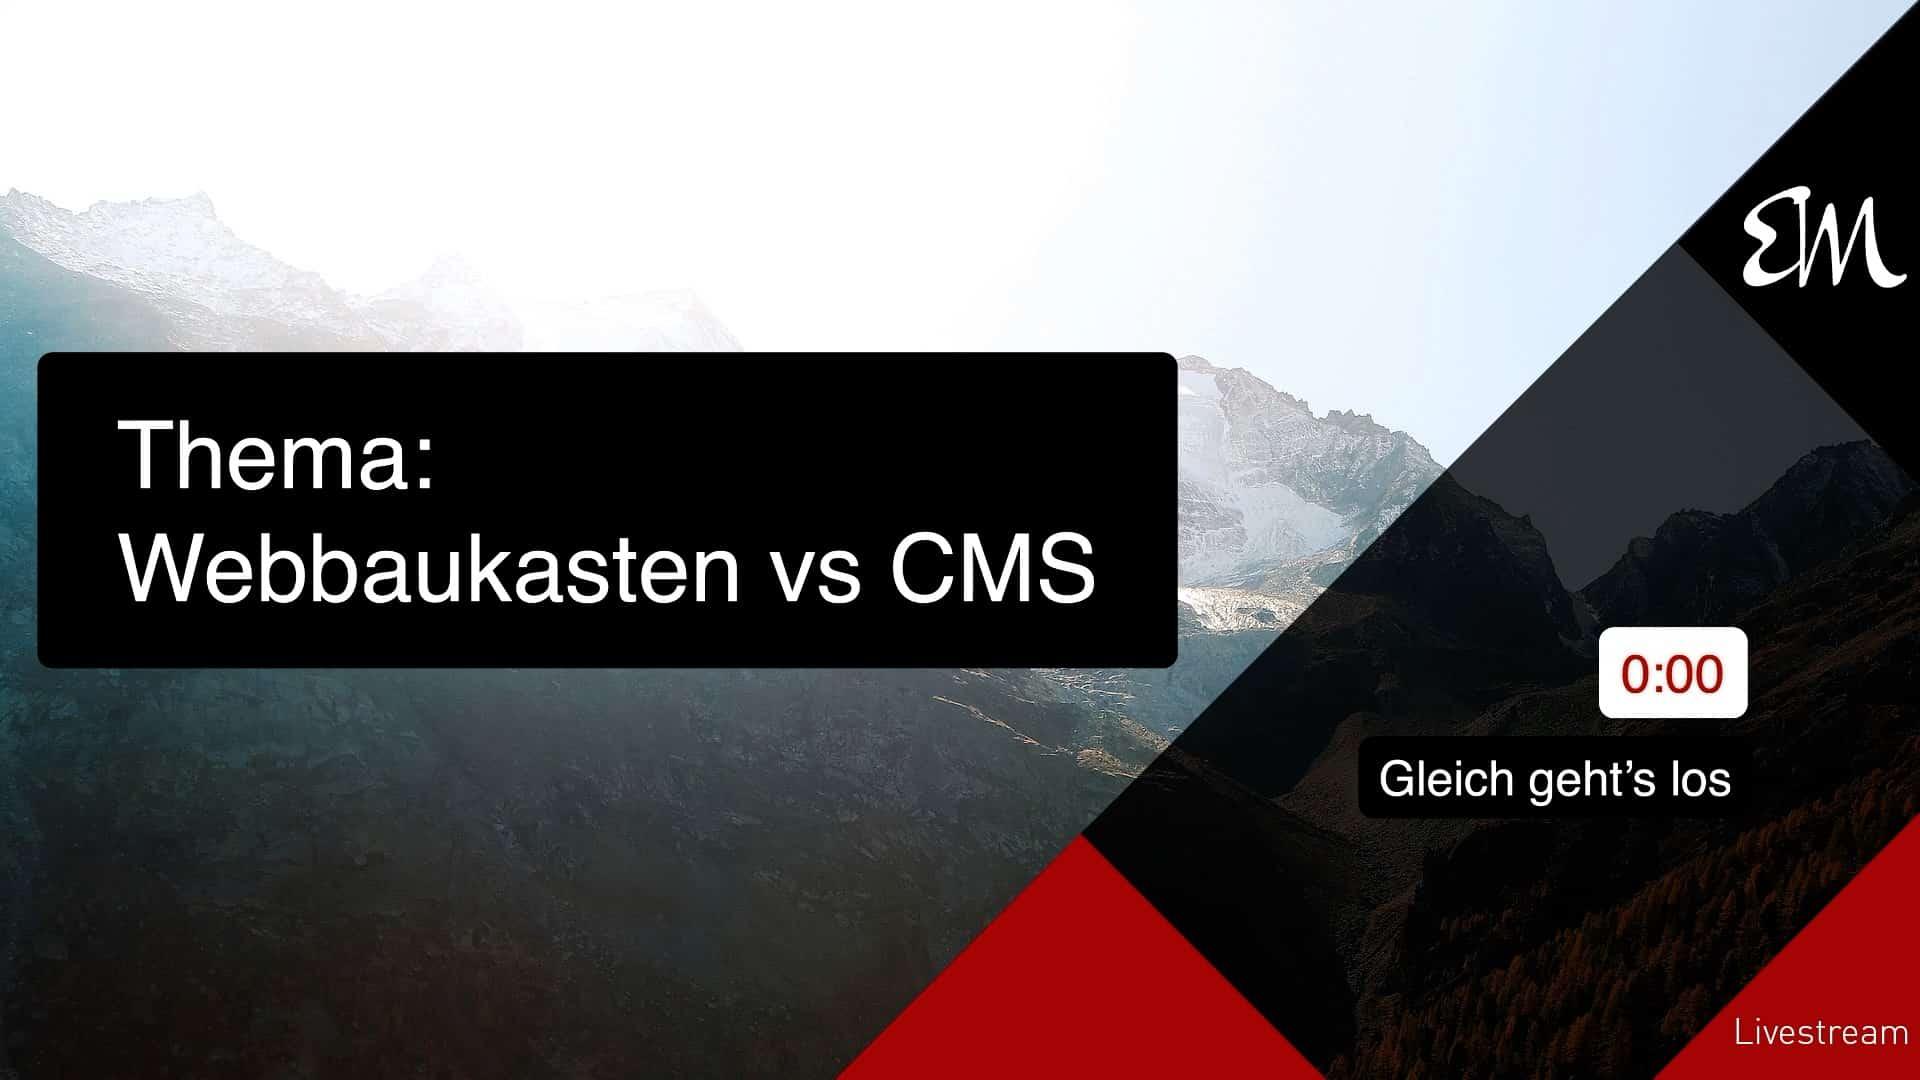 Webbaukasten oder CMS – was ist besser?